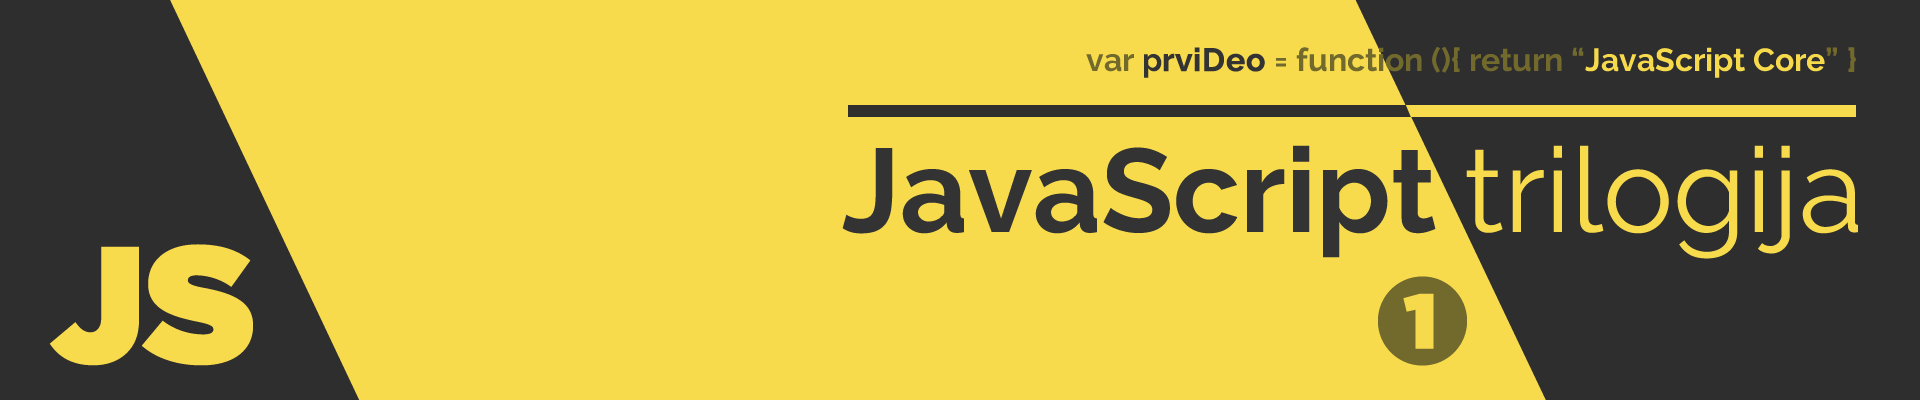 JavaScript Trilogija - I deo